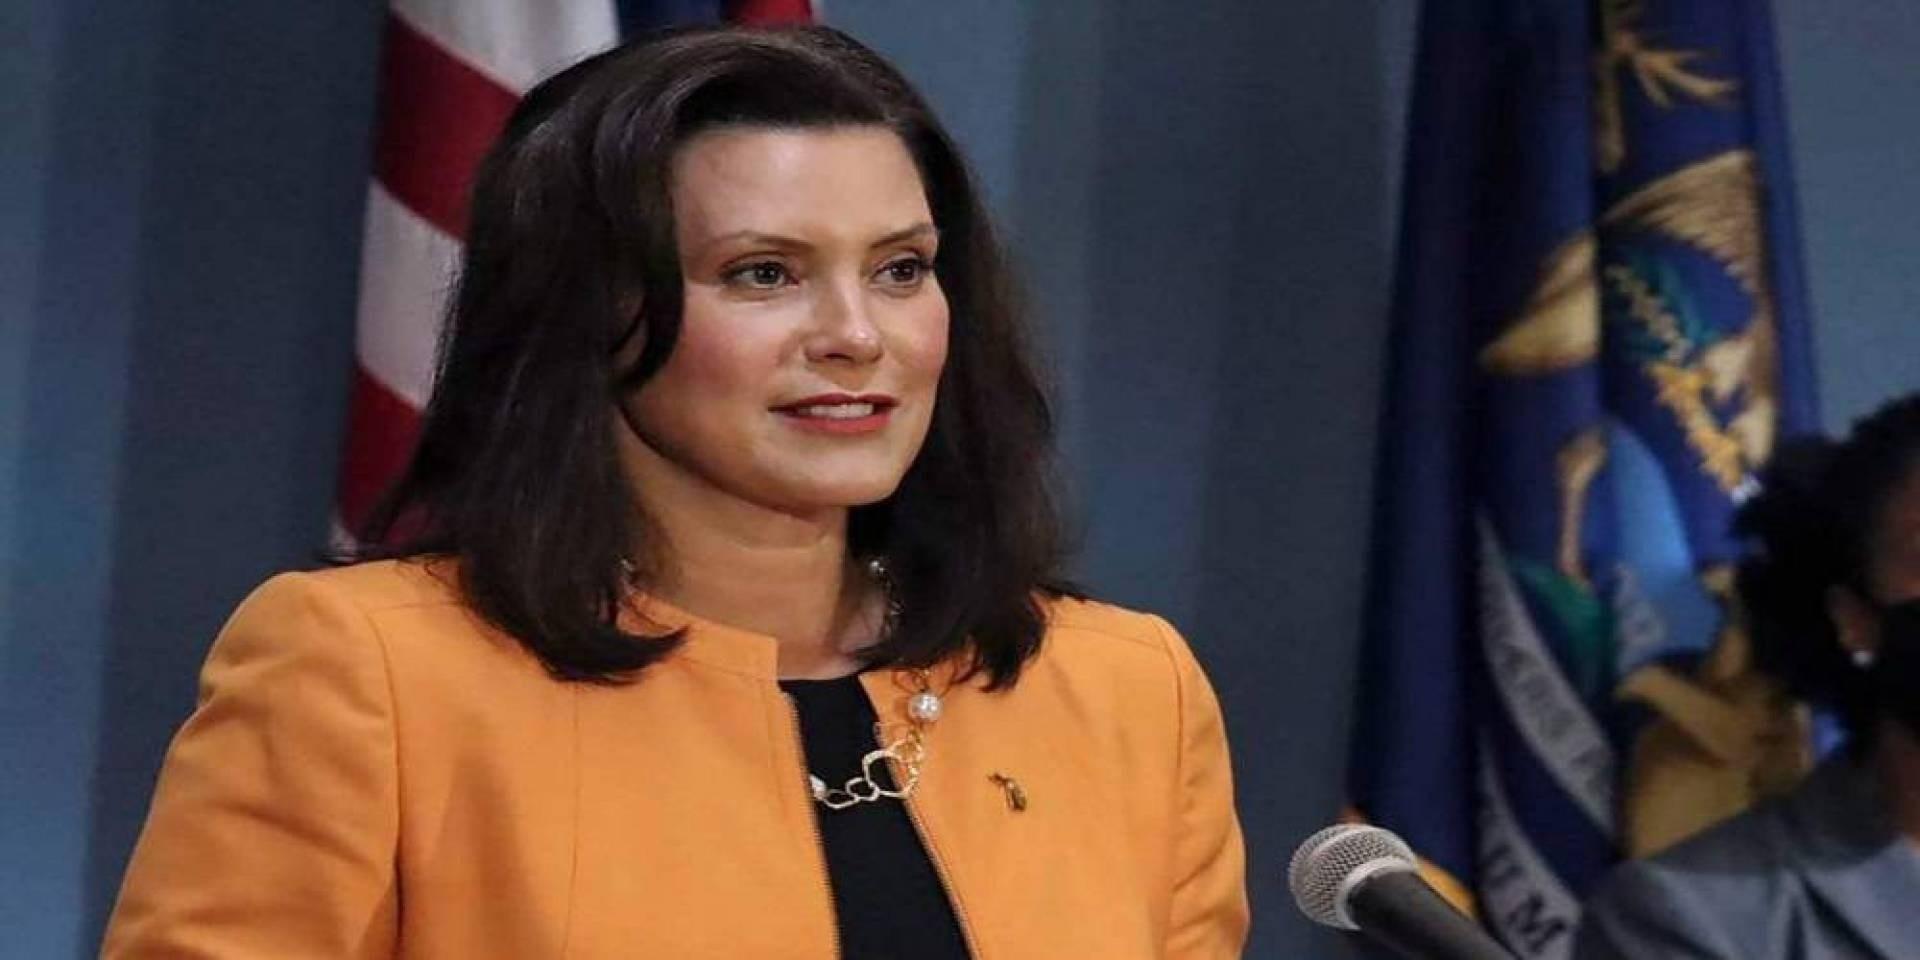 مكتب التحقيقات الاتحادي يحبط مؤامرة لخطف حاكمة ميشيغان